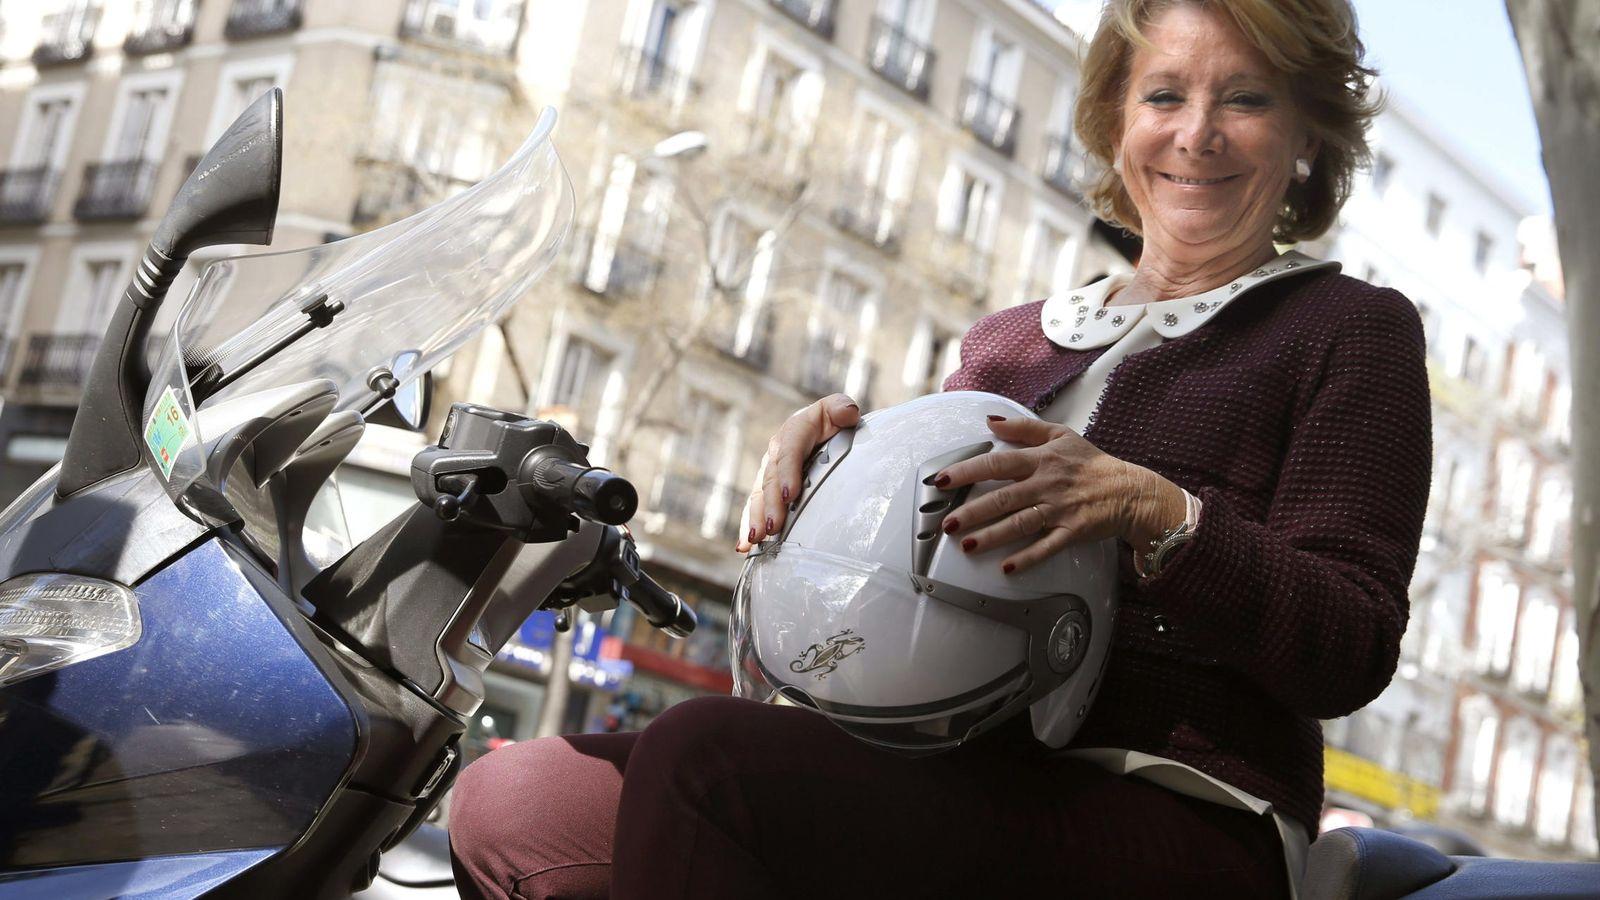 Foto: La candidata a alcaldesa de Madrid por el PP, Esperanza Aguirre. (Efe)